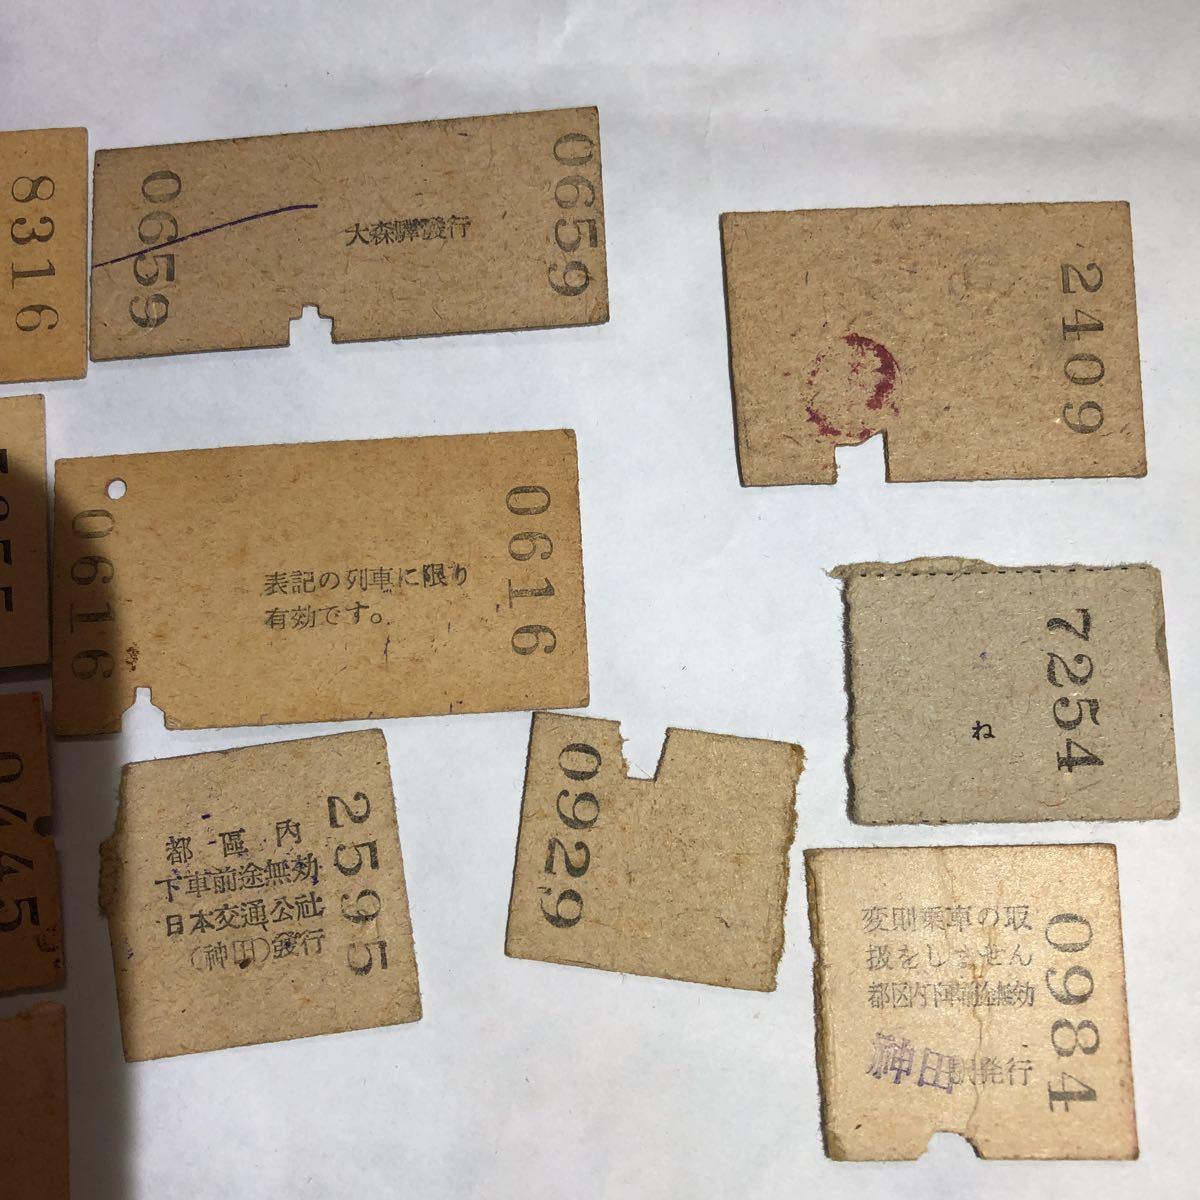 鉄道 切符 硬券 赤線 マニア 昭和 精算券 他_画像8